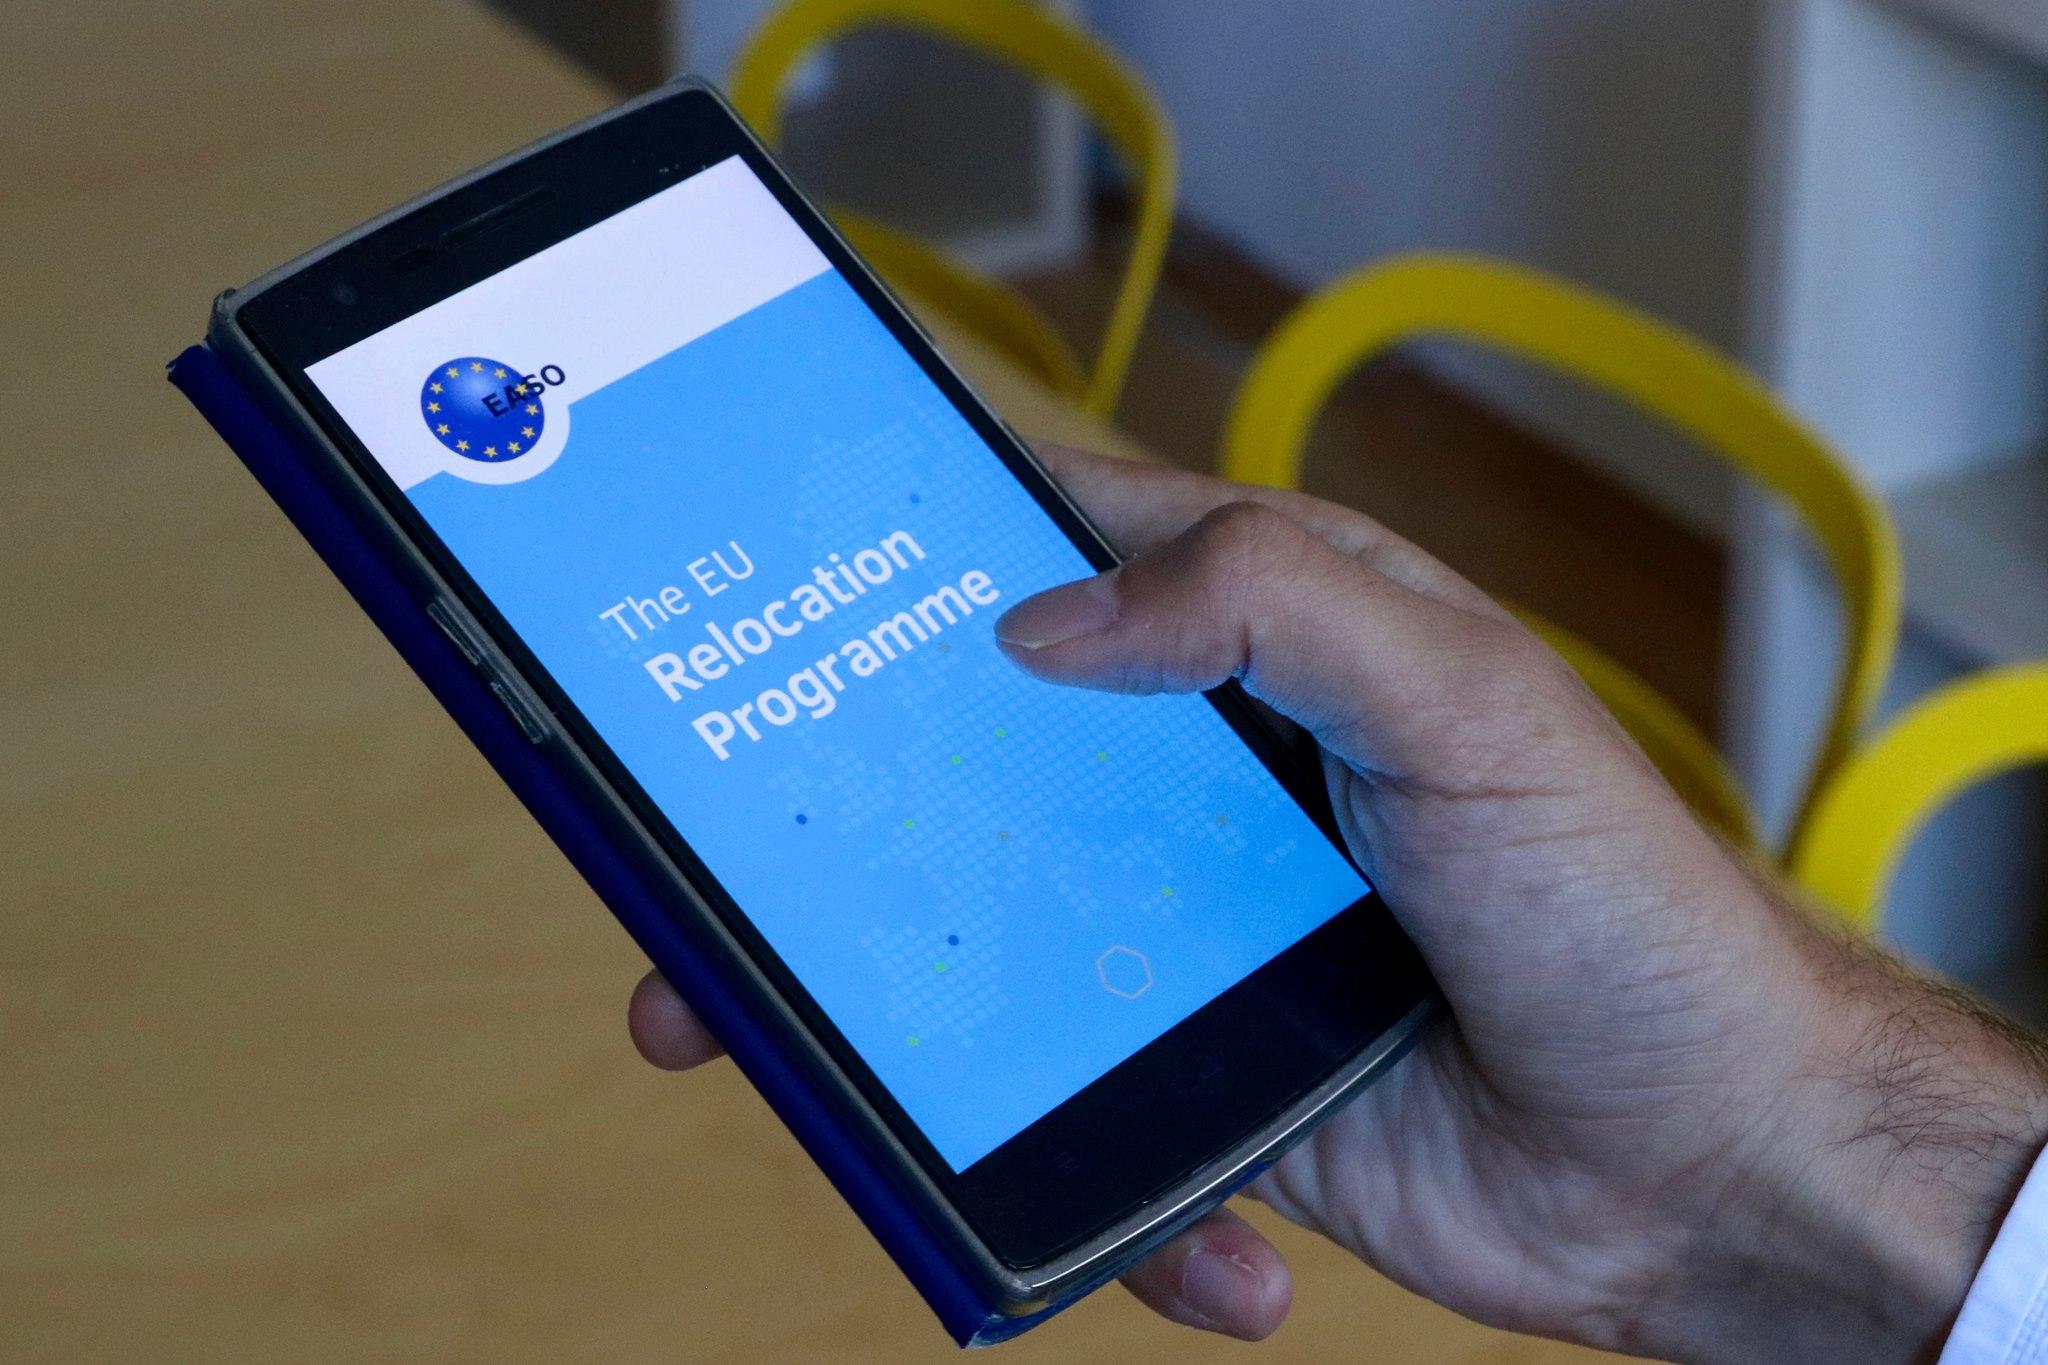 Európsky podporný úrad pre azyl, EASO, mobilná aplikácia, utečenci